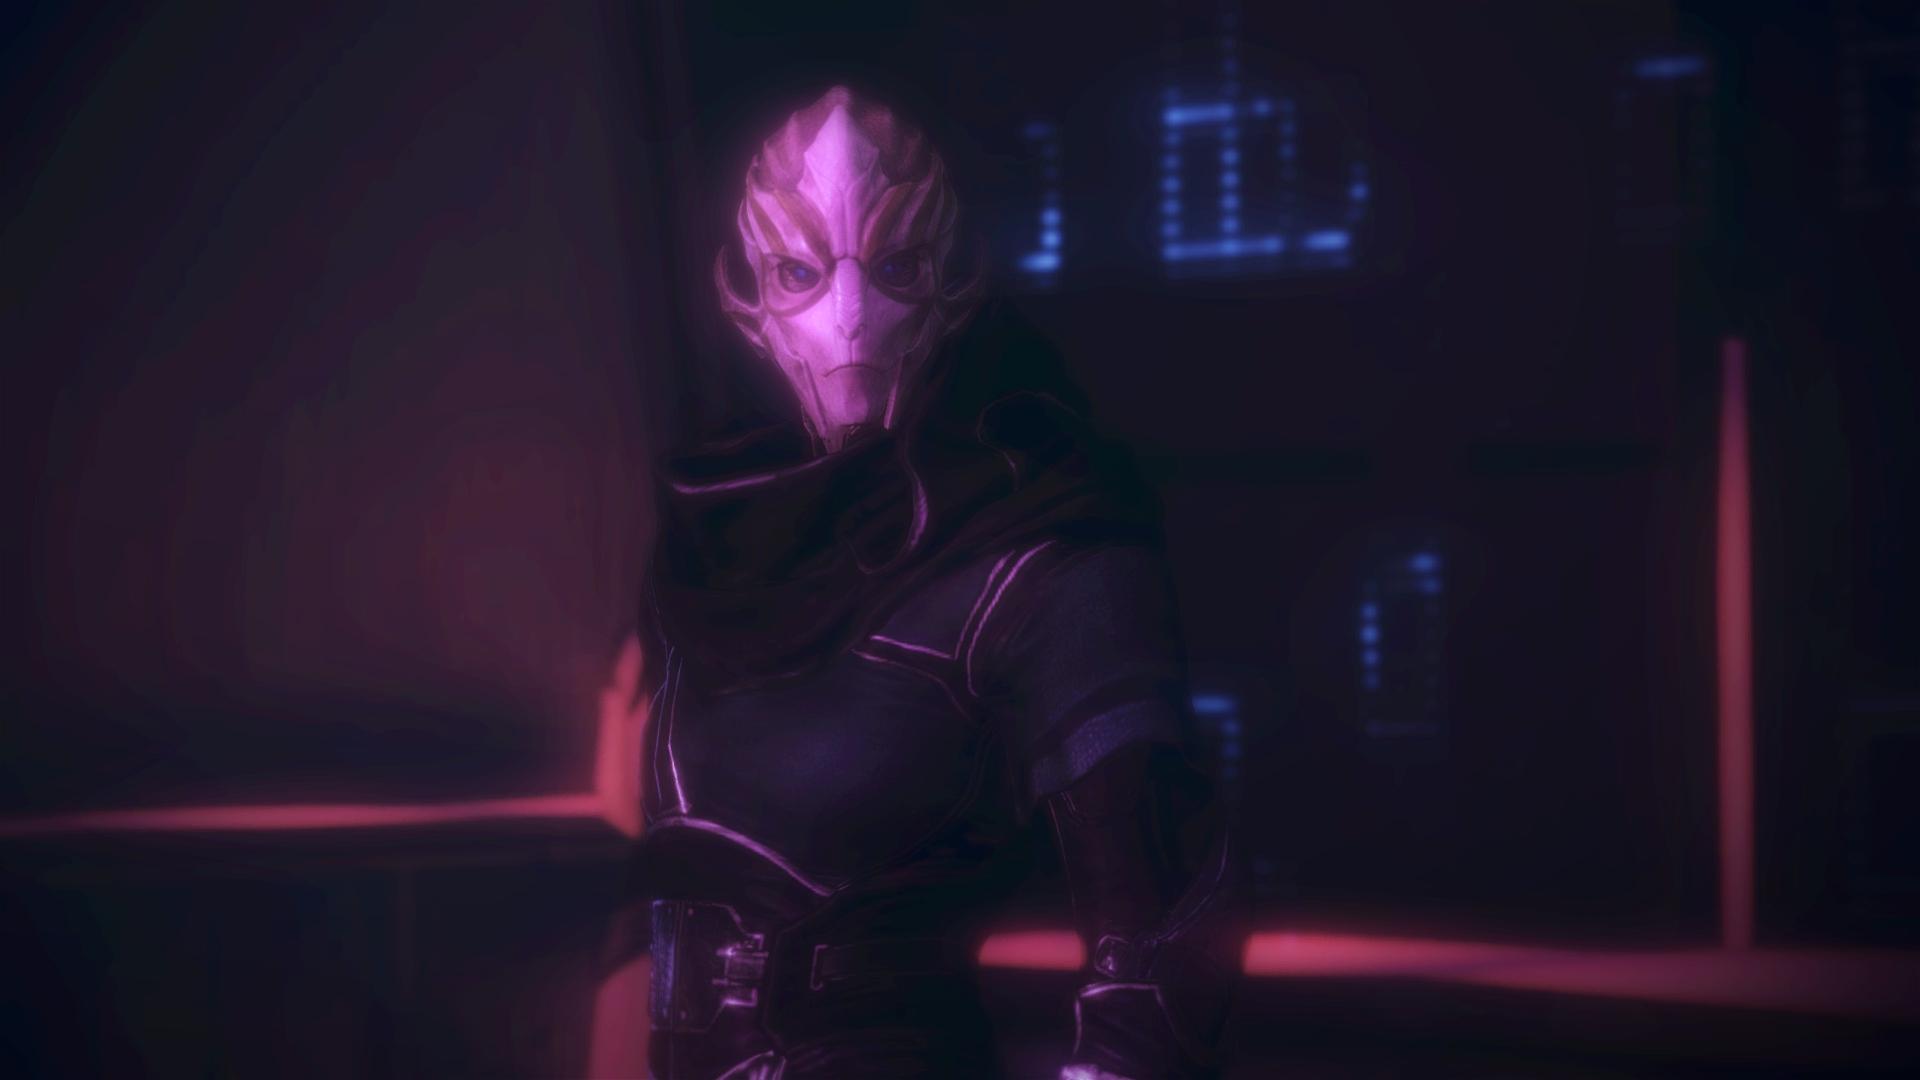 MassEffect3 2016-02-01 01-53-35-38.jpg - Mass Effect 3